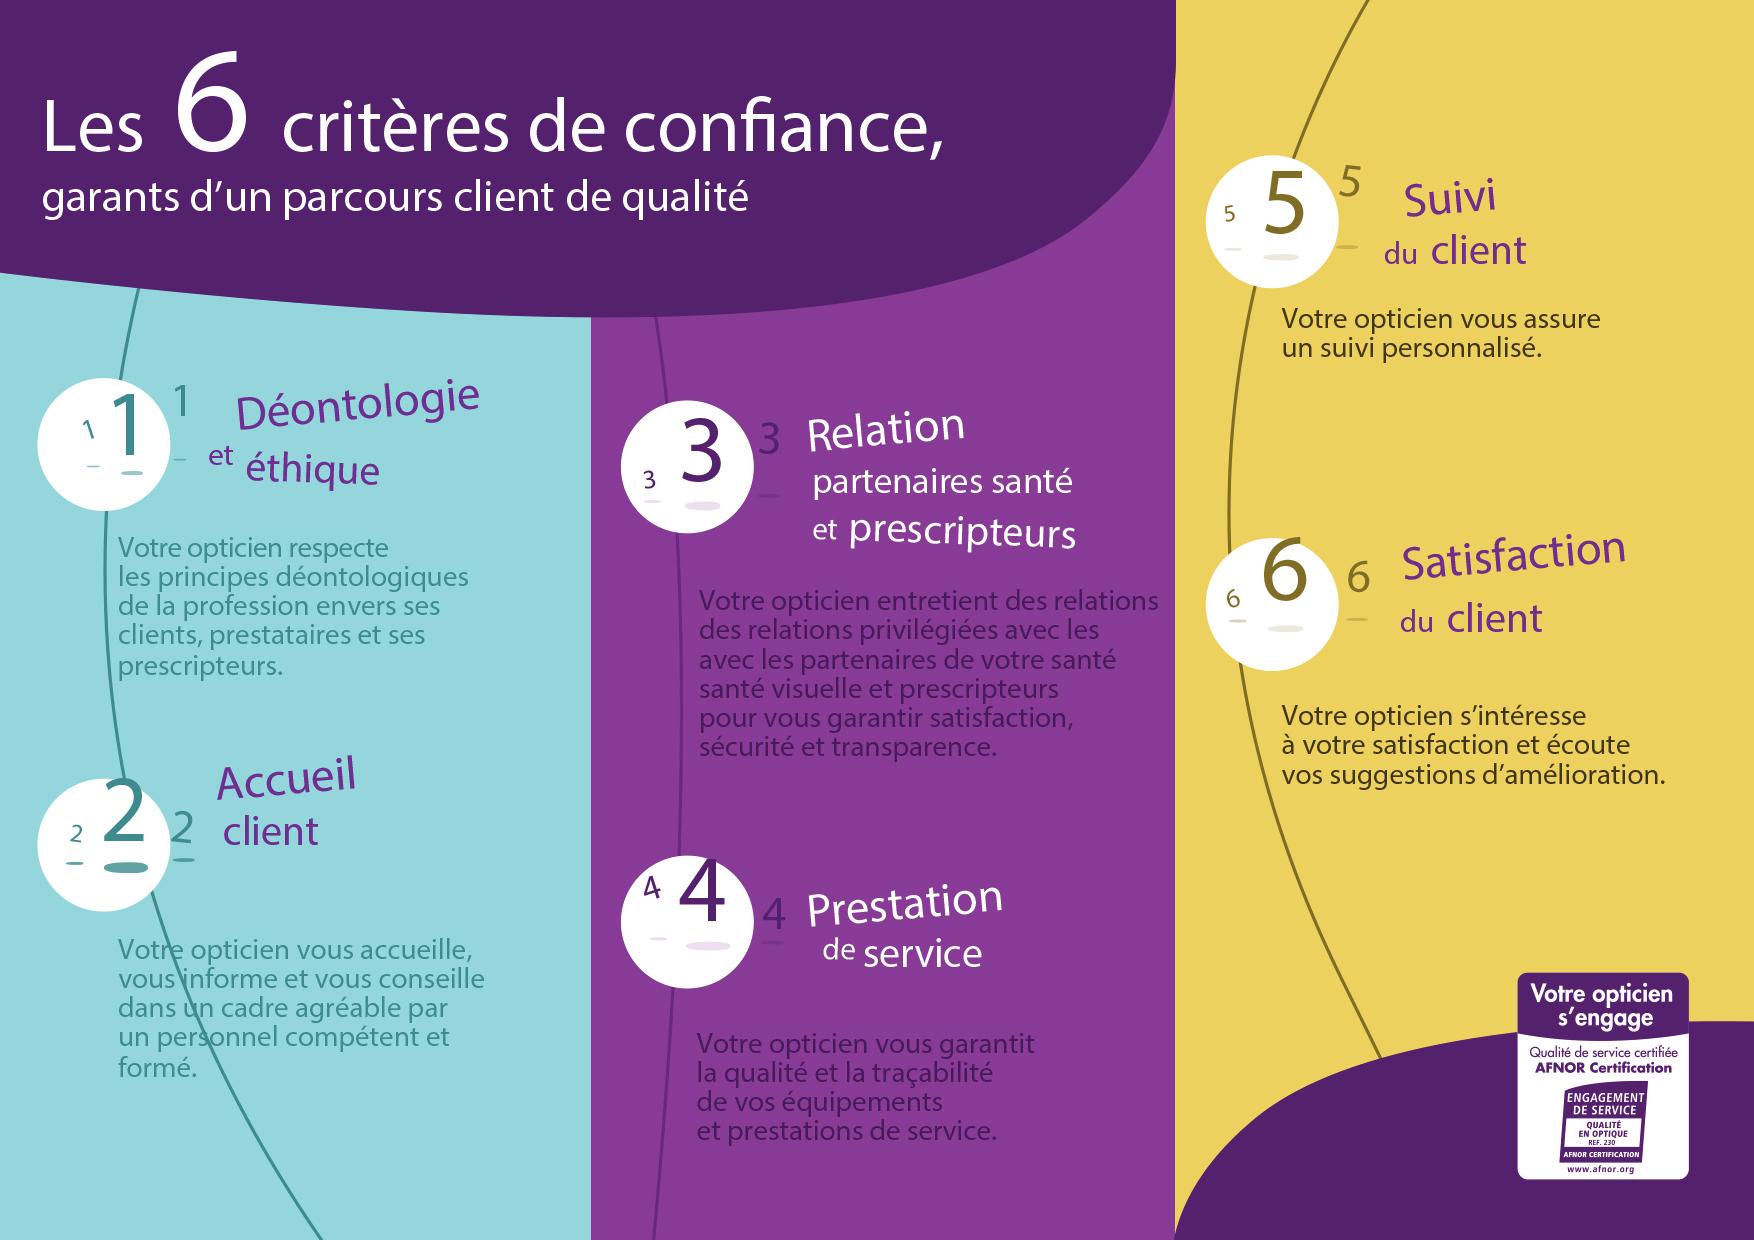 AFNOR-Certification-Opticiens-engagez-vous02